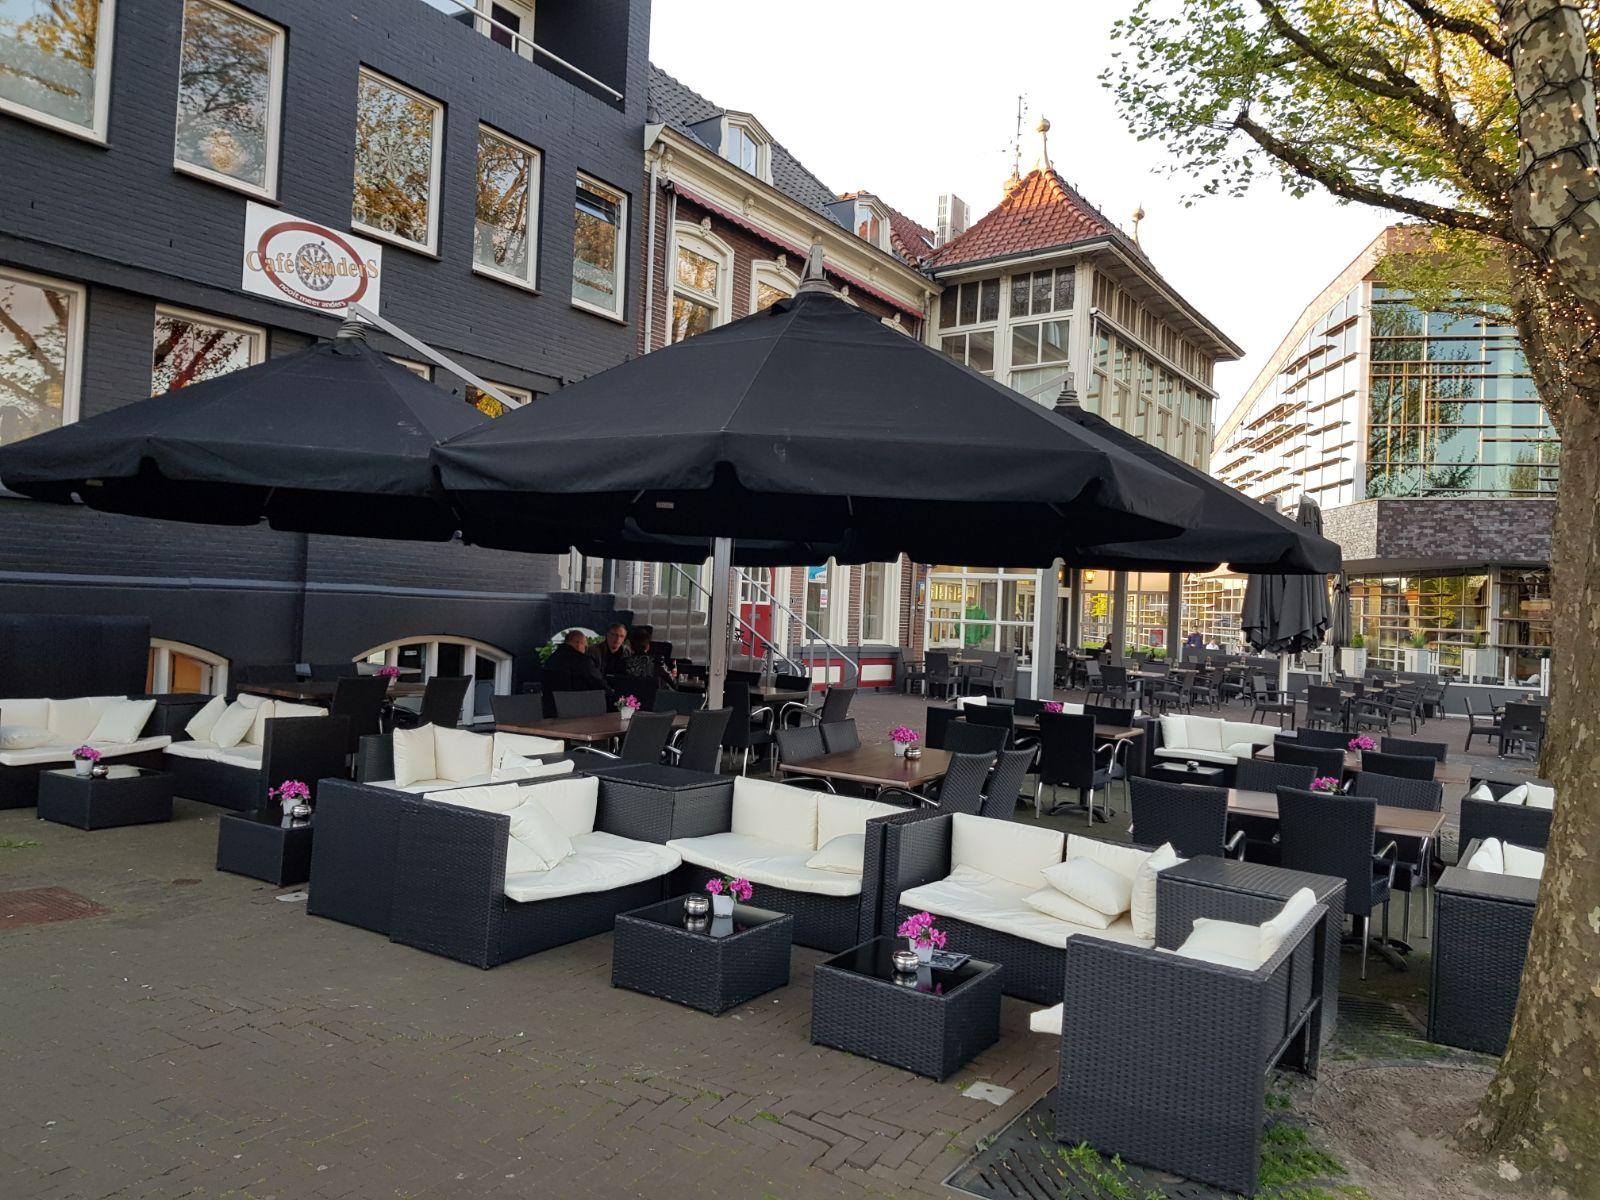 Afscheidsfeest Café Sanders – Coevorden